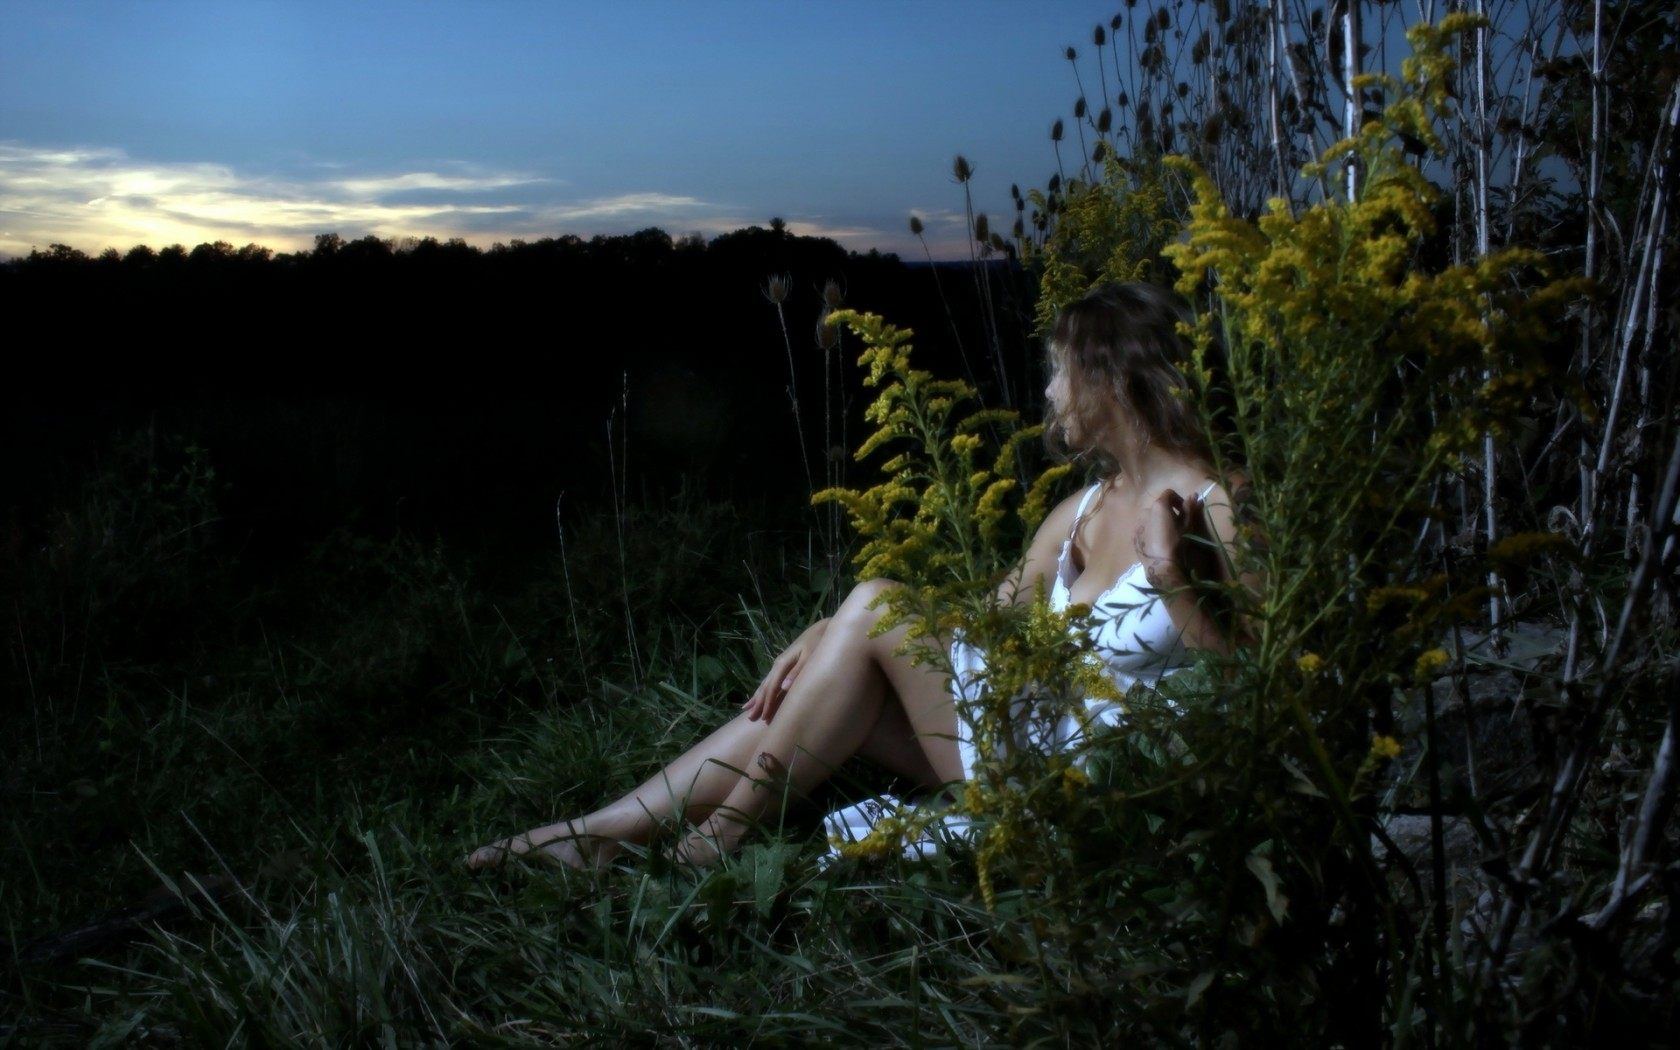 Секс на леса русские, Порно в лесу, секс на природе смотреть онлайн 17 фотография